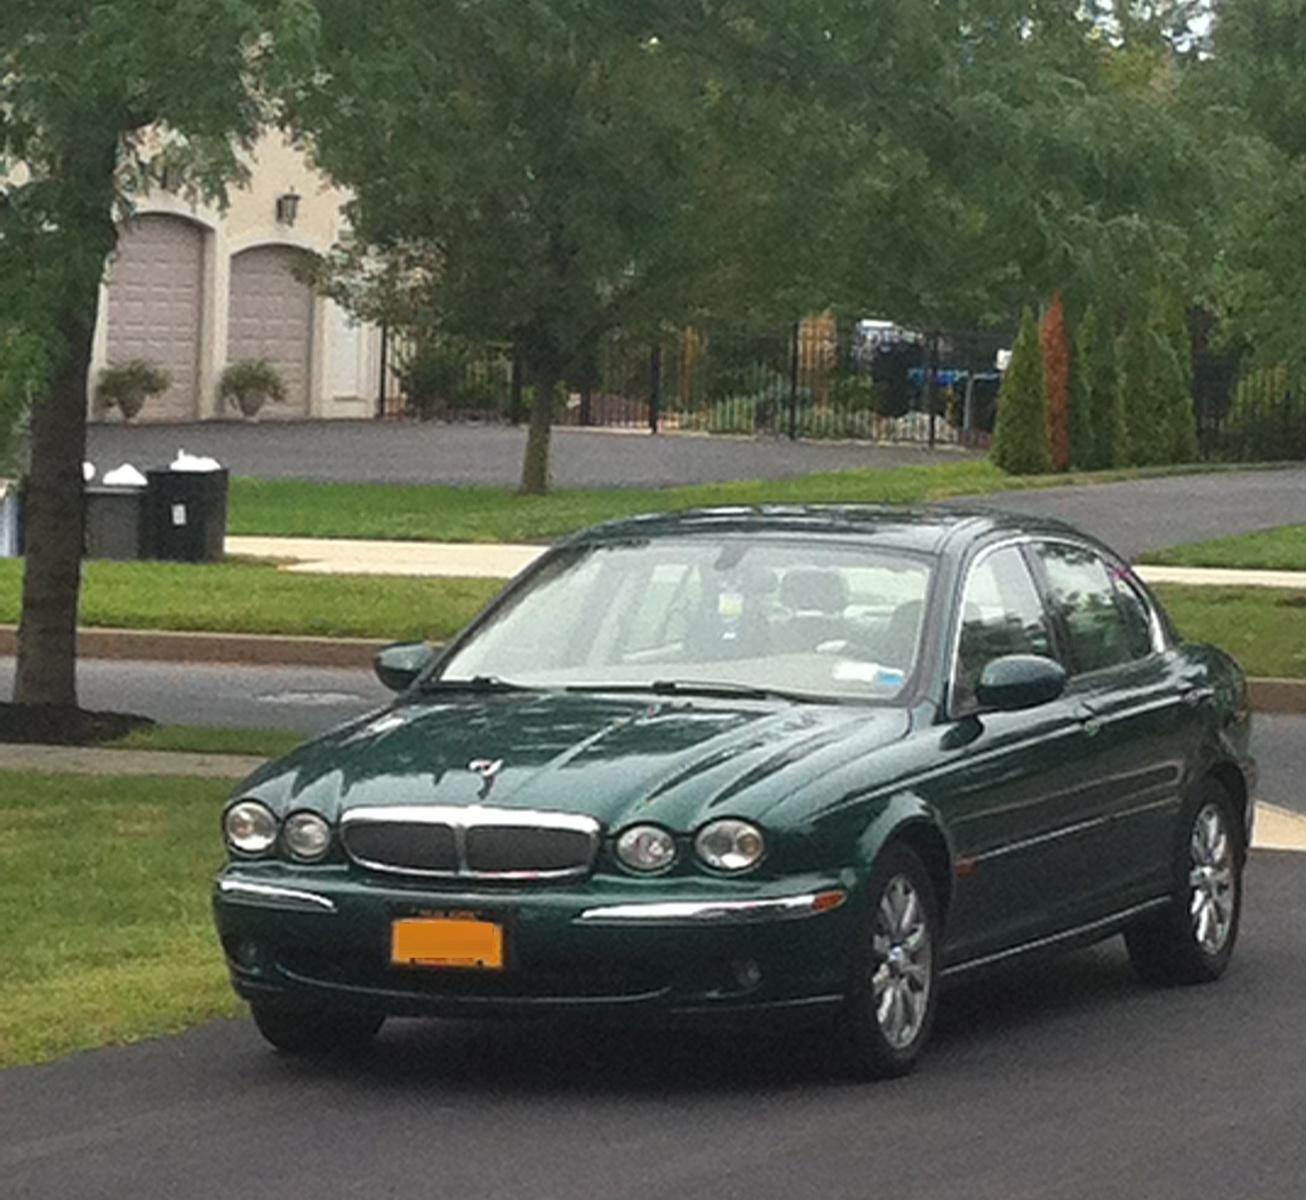 2004 Jaguar X Type For Sale: 2005 Jaguar X-Type